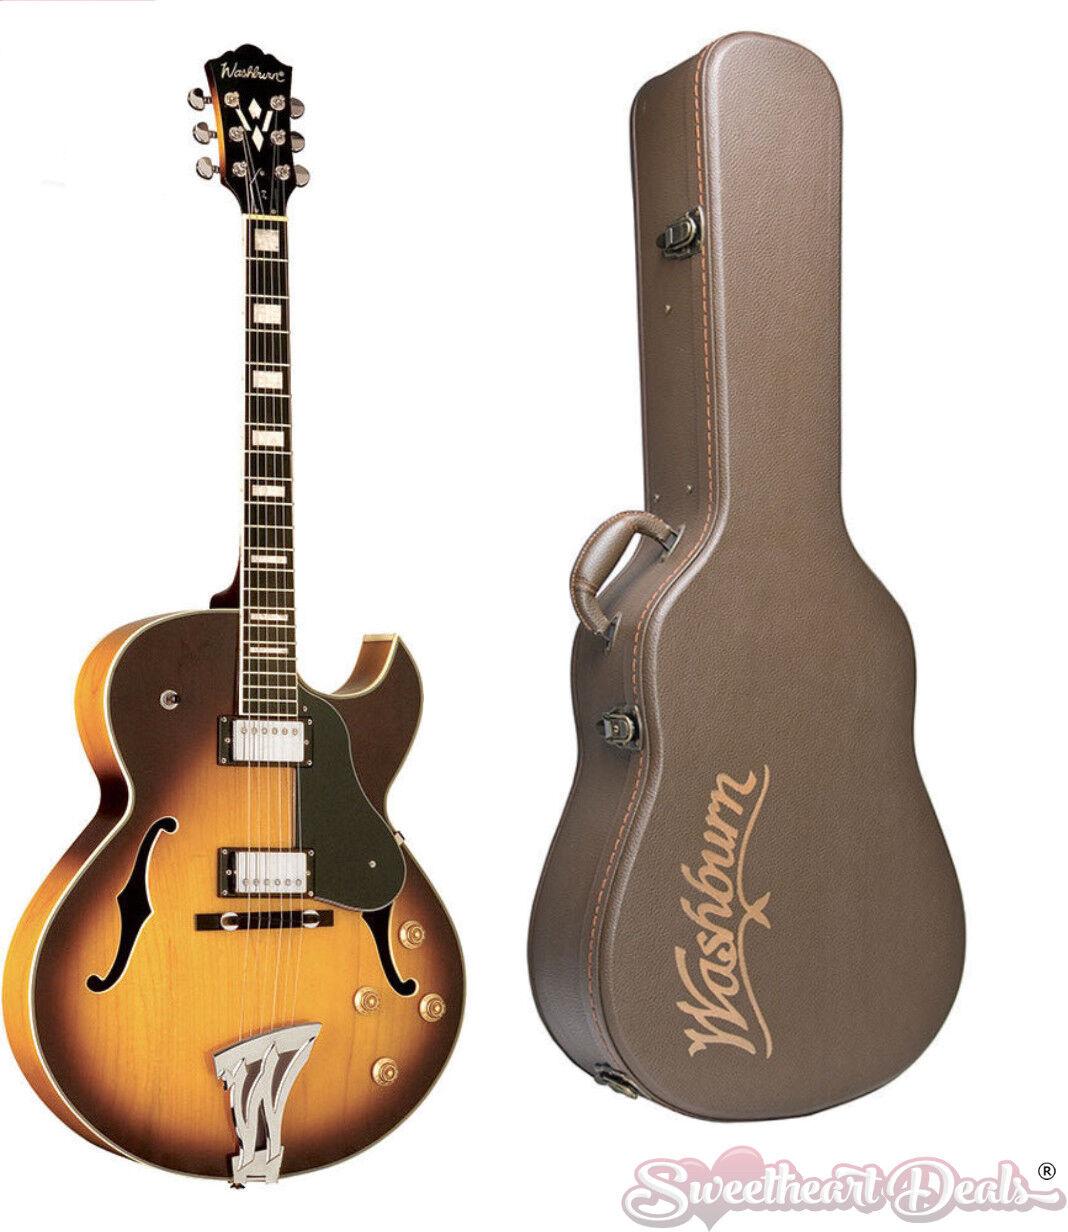 Washburn Jazz Hollow Body J3TSK Electric Guitar - Tobacco Sunburst w Free Case